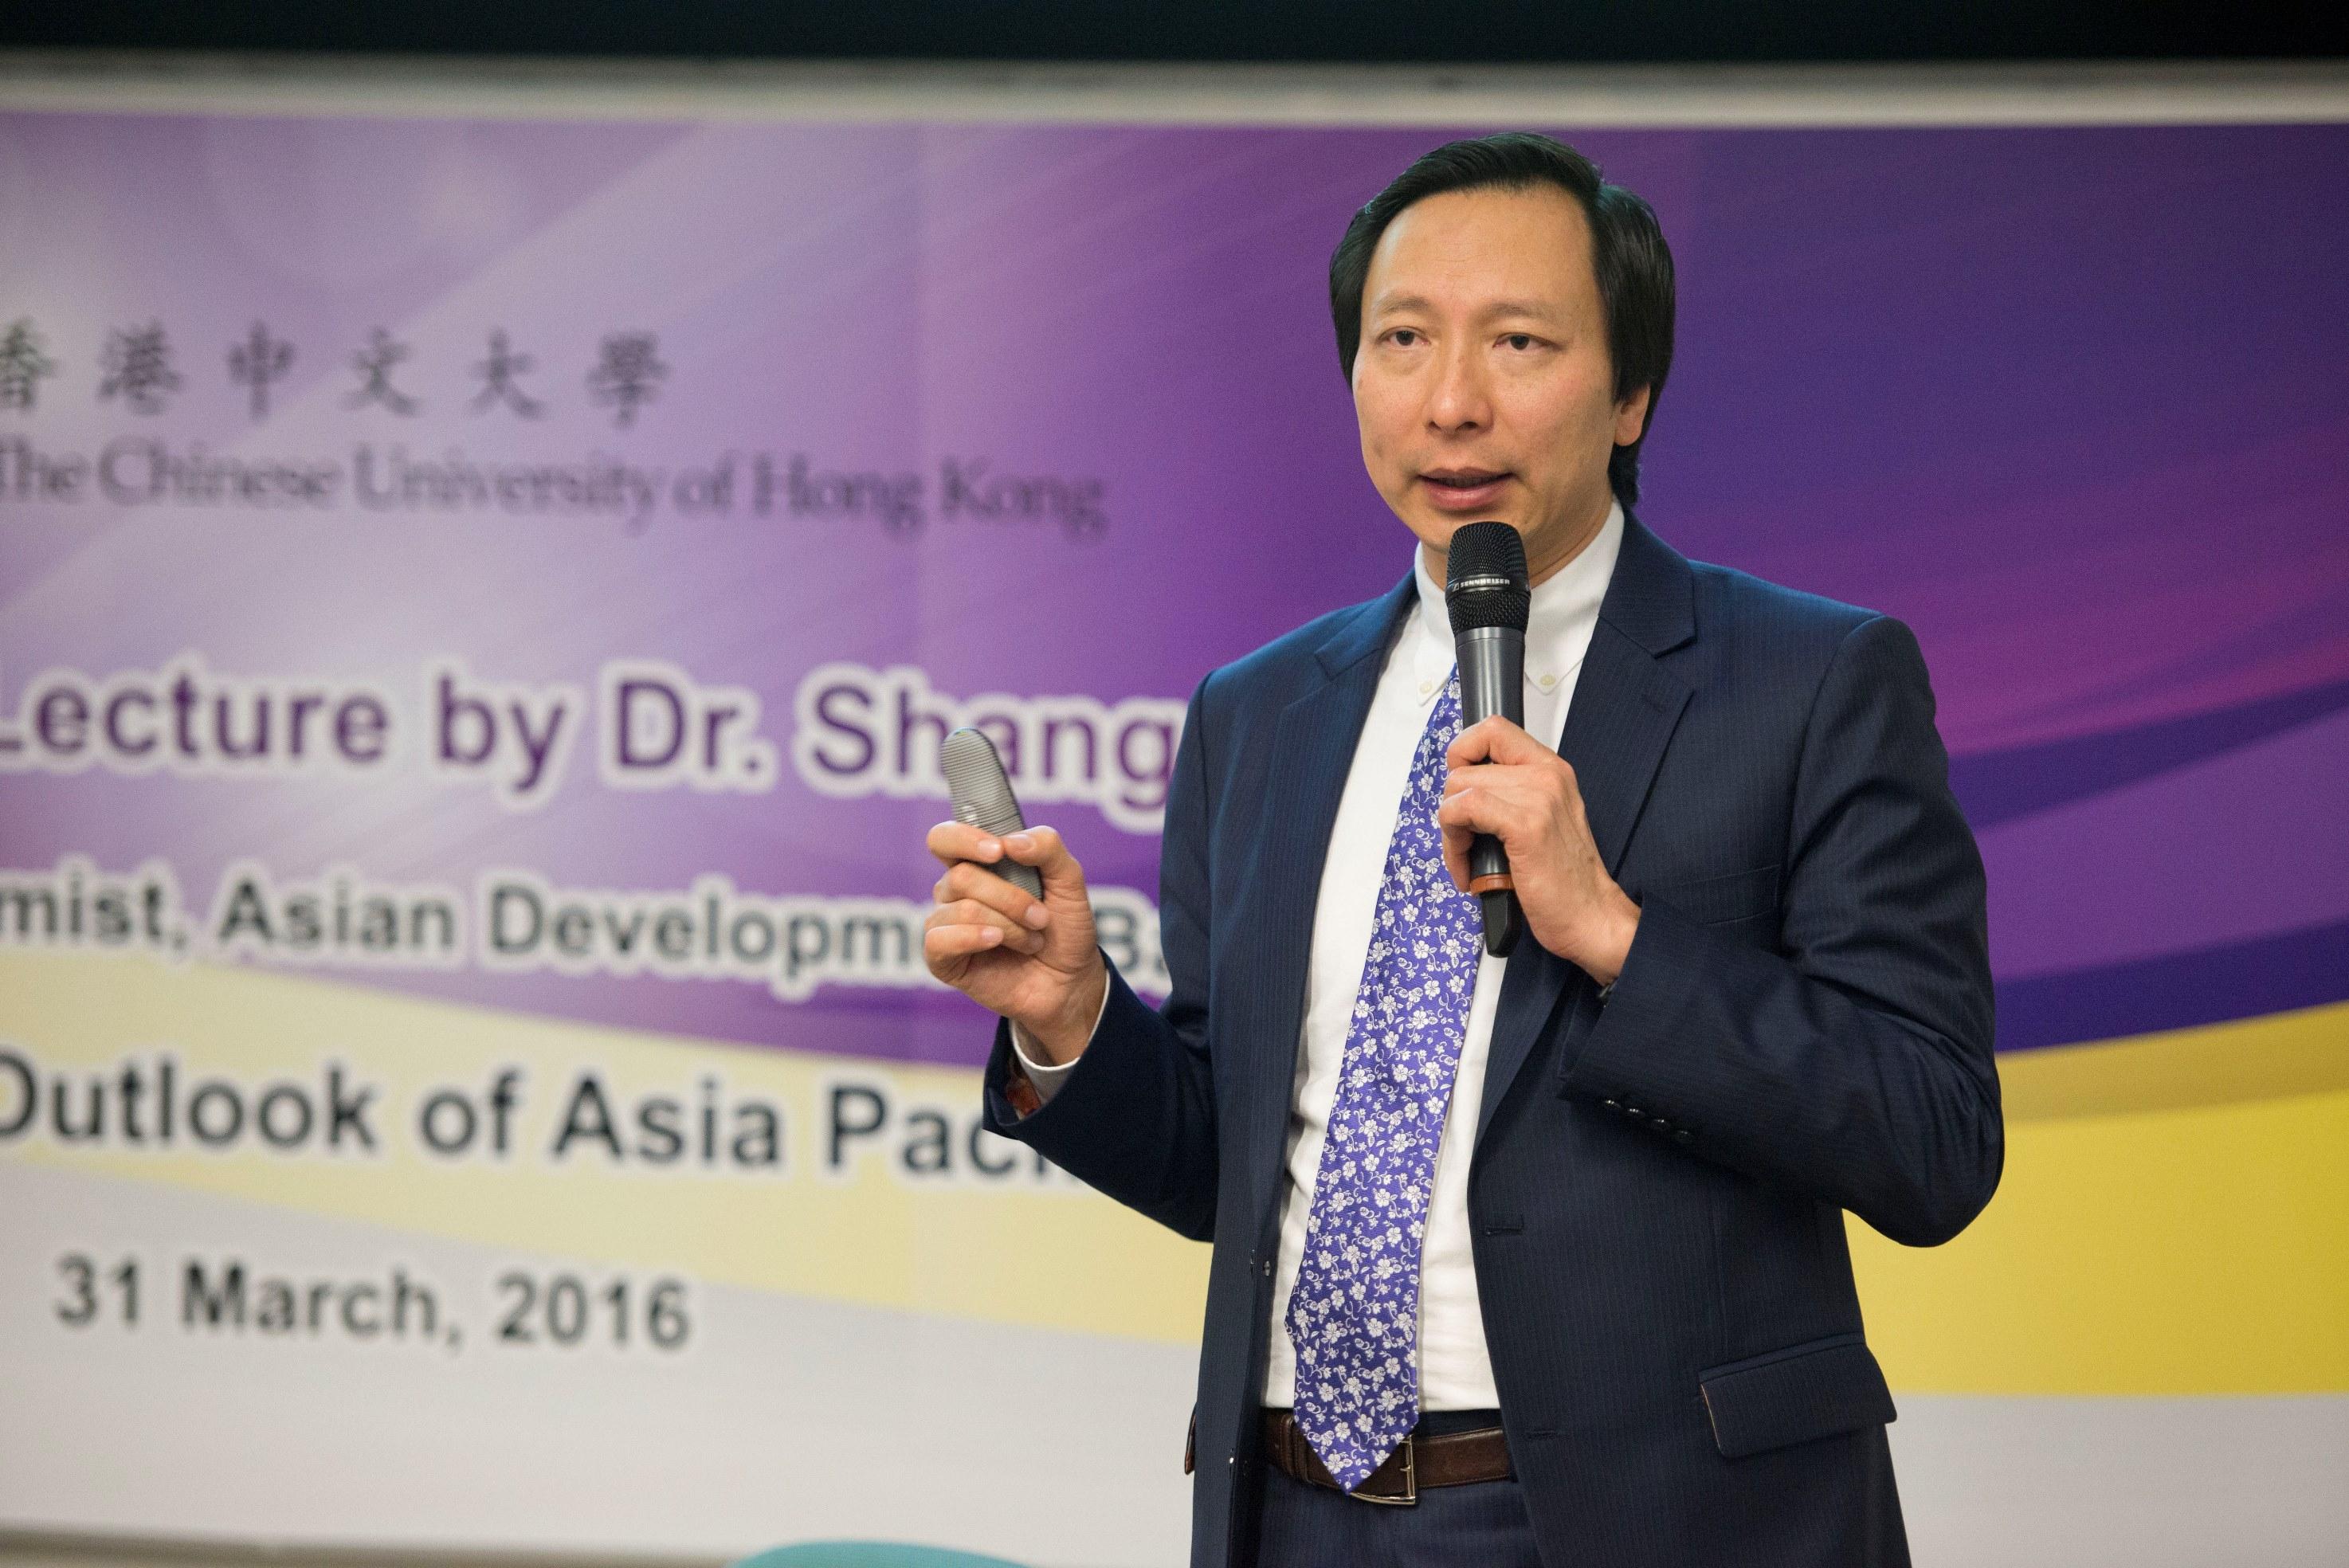 亚开行首席经济学家魏尚进教授于中大主持讲座。